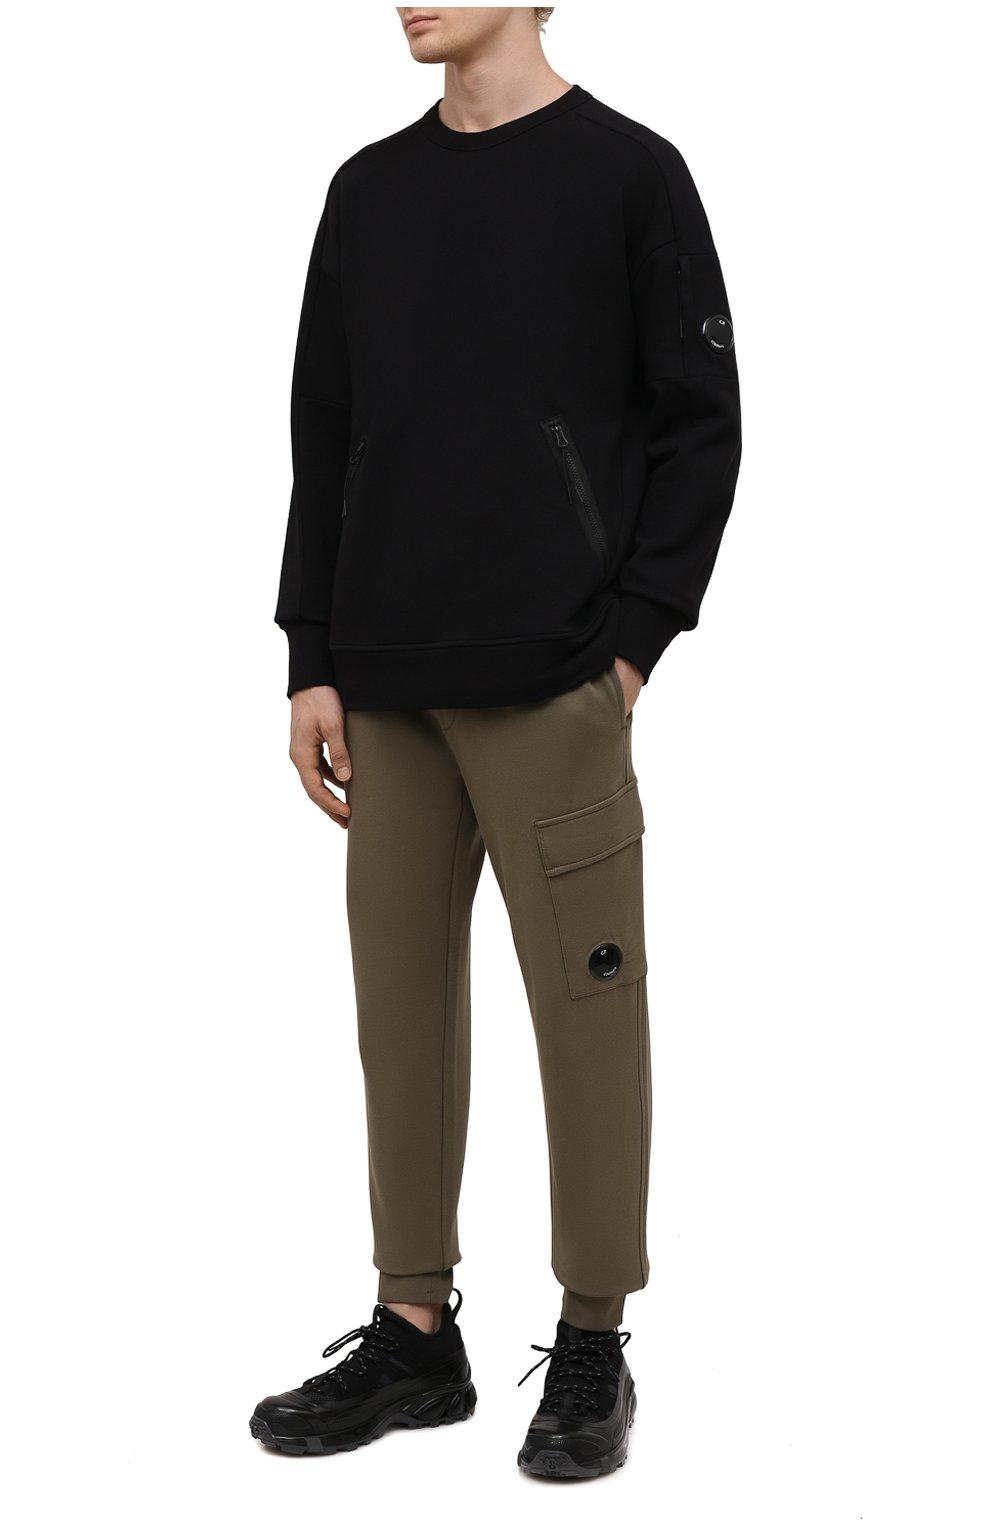 Мужские хлопковые джоггеры C.P. COMPANY хаки цвета, арт. 11CMSP057A-005086W | Фото 2 (Мужское Кросс-КТ: Брюки-трикотаж; Длина (брюки, джинсы): Стандартные; Материал внешний: Хлопок; Стили: Спорт-шик; Силуэт М (брюки): Джоггеры)